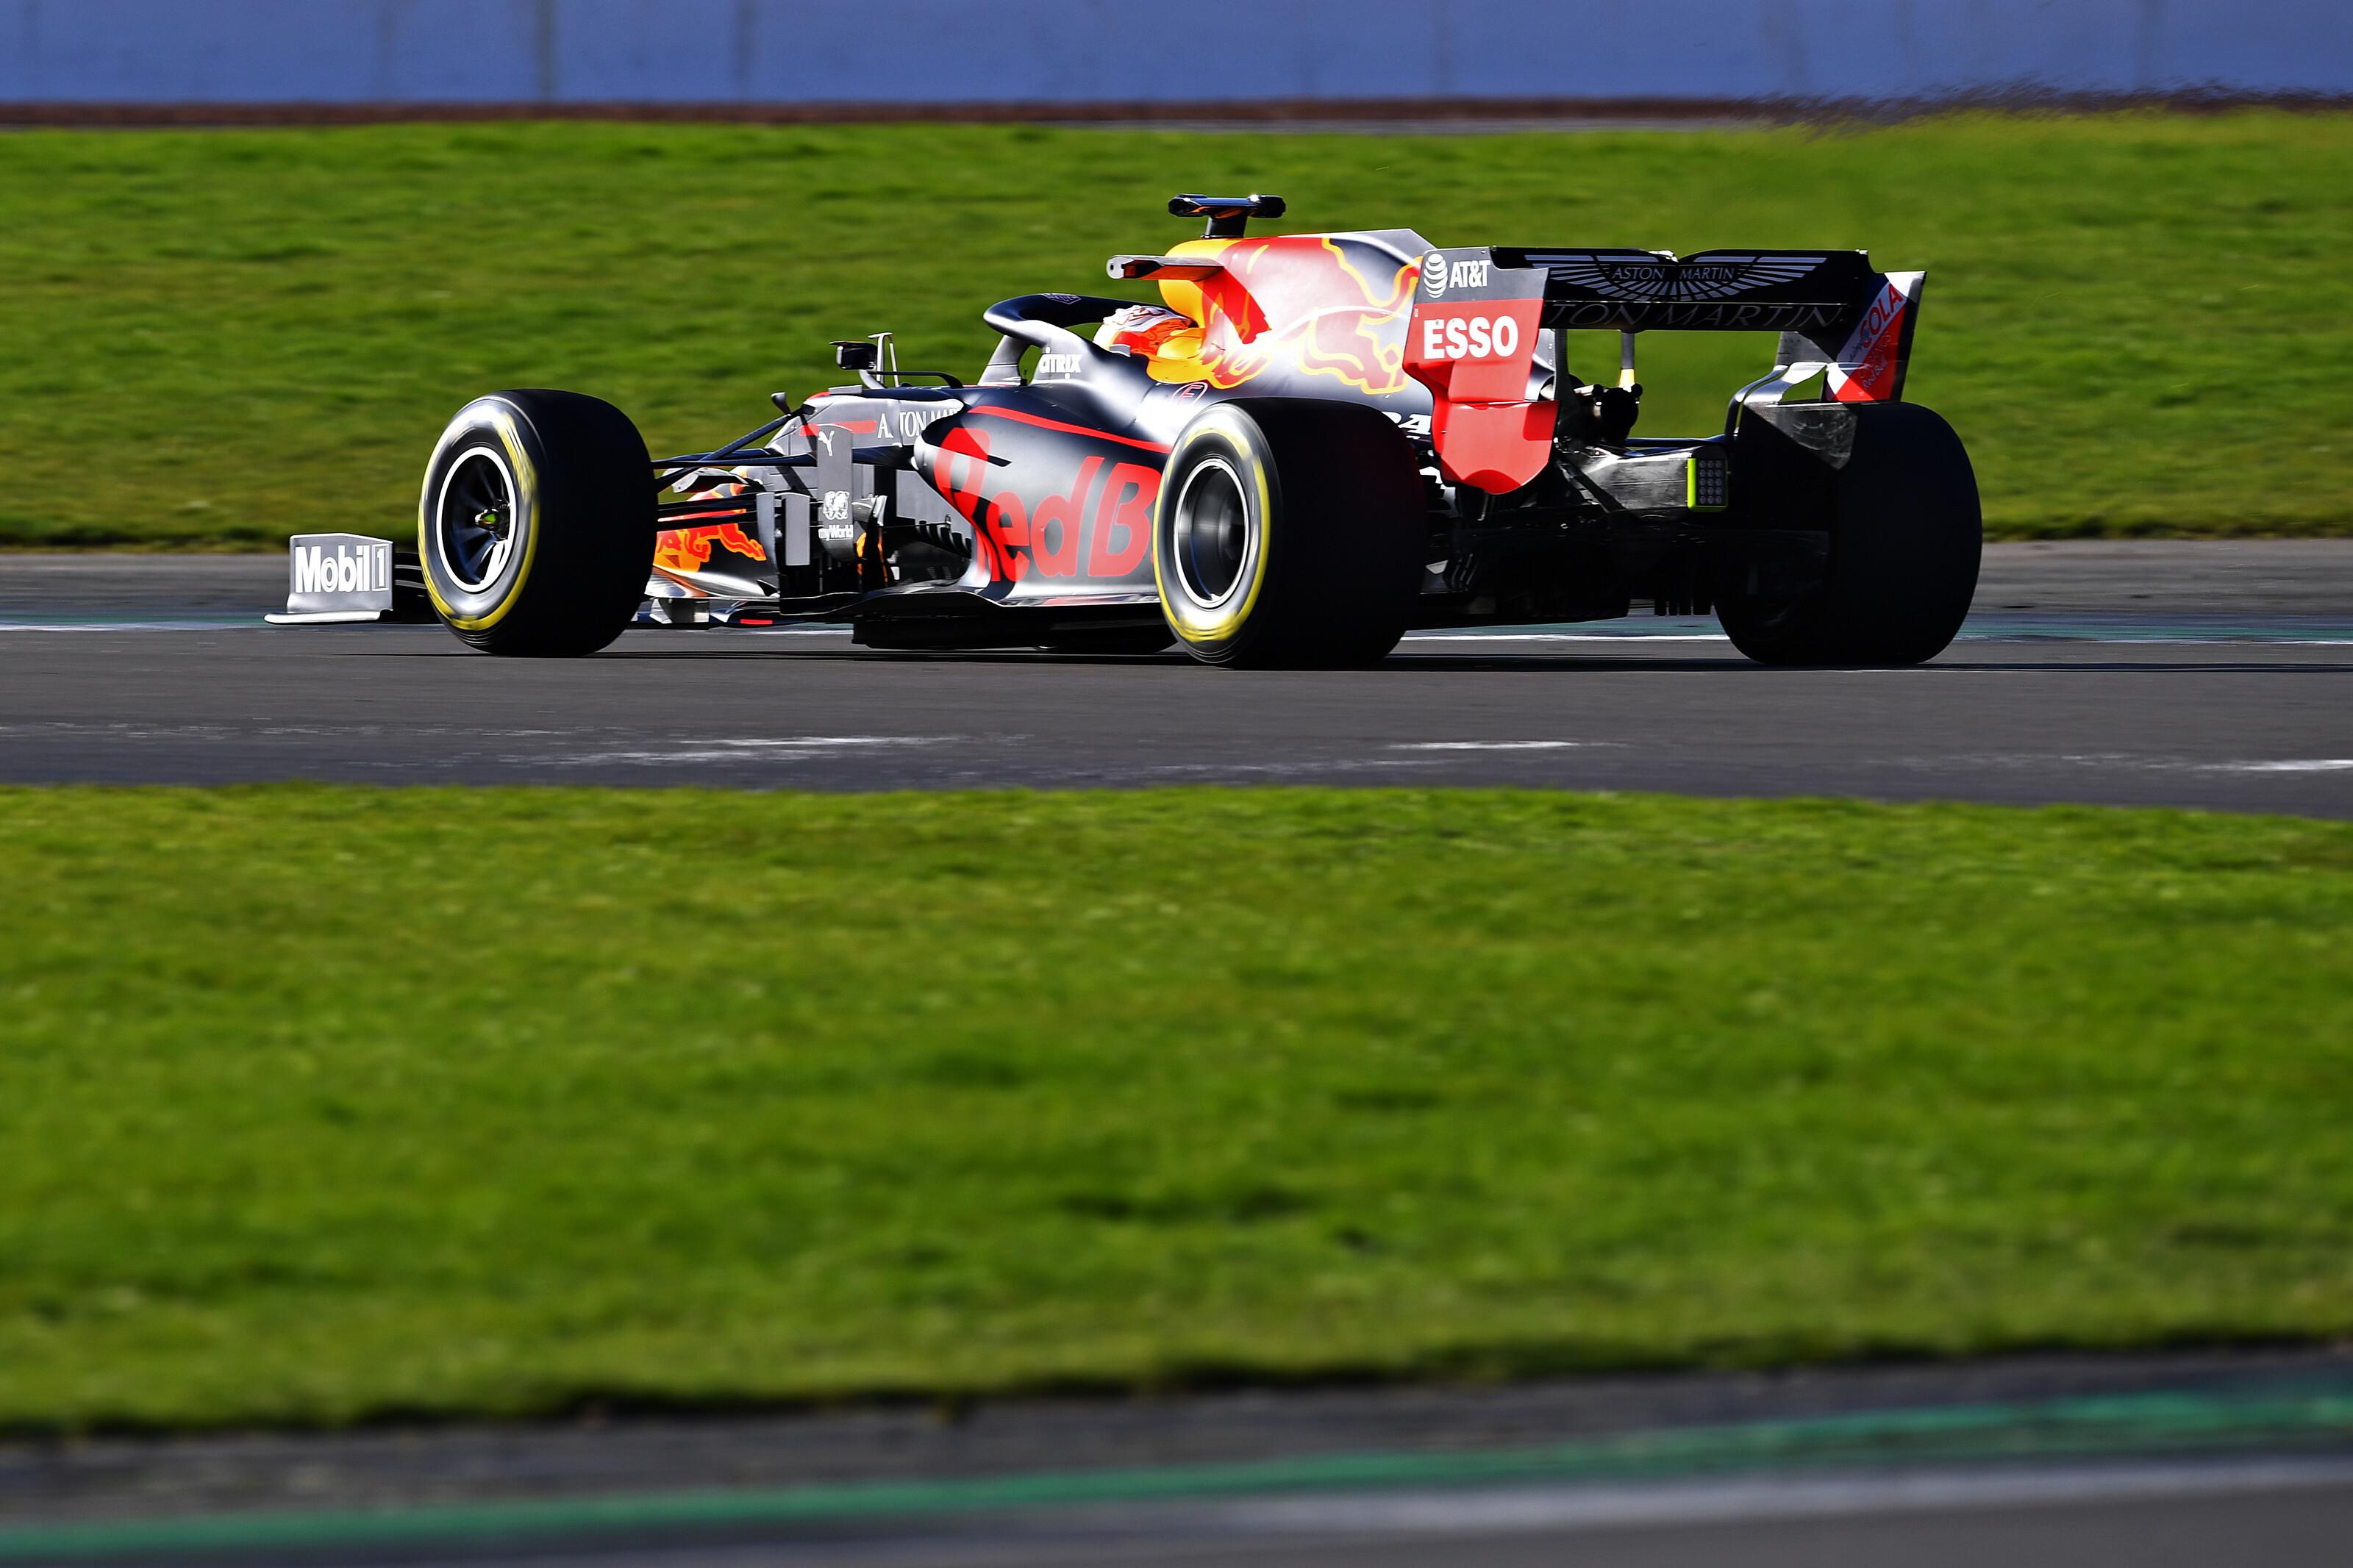 F1 Formula 1 Red Bull Racing Silverstone shakedown Verstappen shakedown 2020